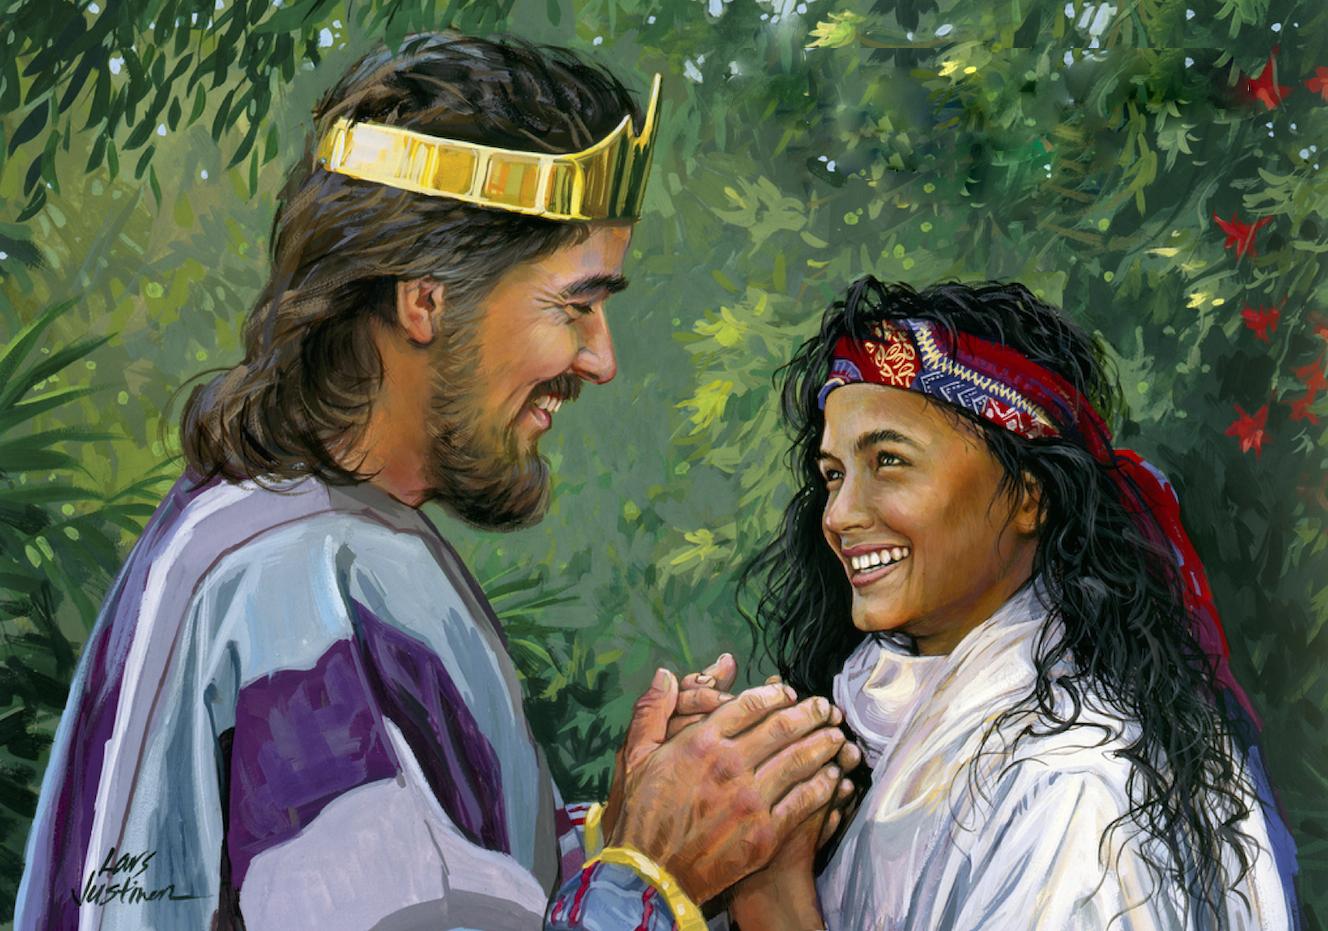 The Songs of Solomon were written by Solomon.